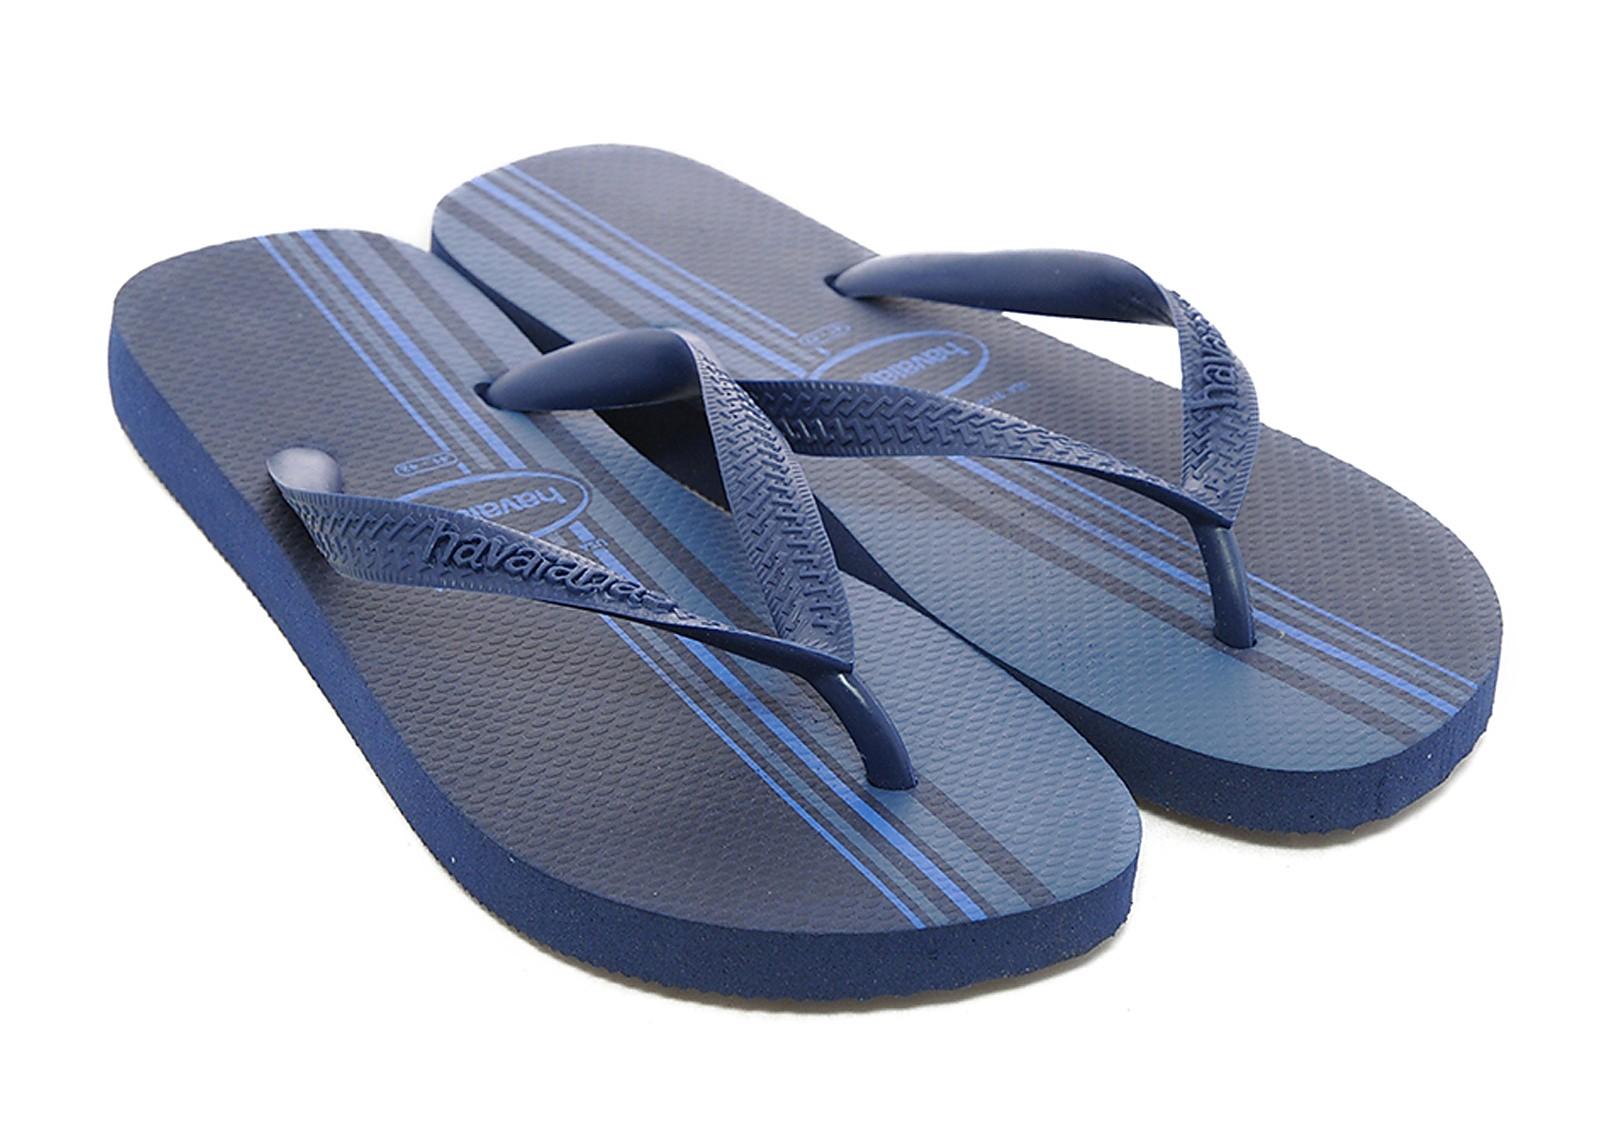 Havaianas Top Basic Flip Flops